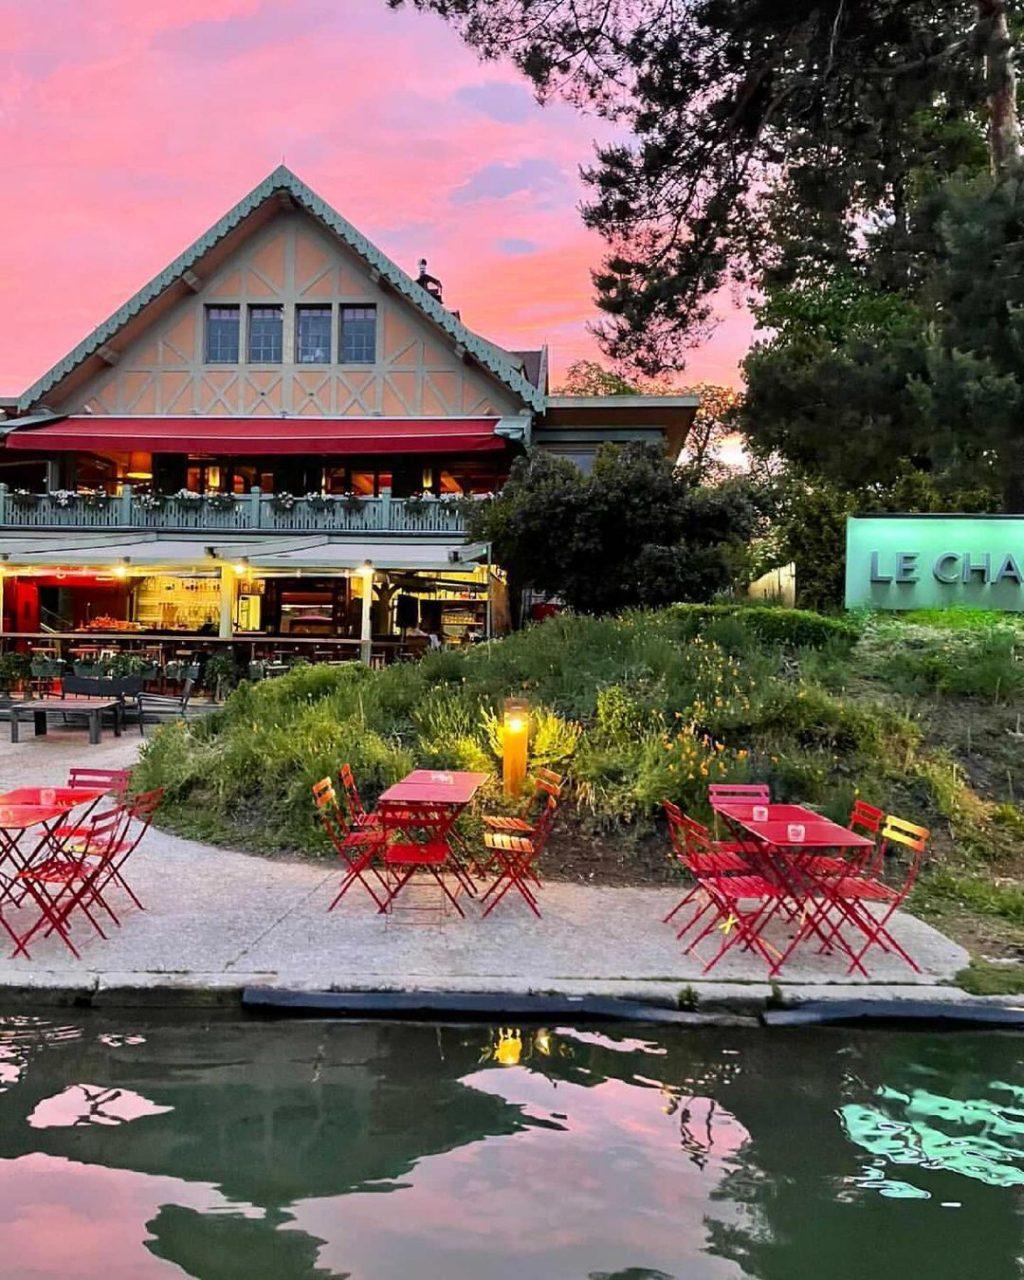 Coucher de soleil sur le chalet des îles. Une guinguette en chalet rose fait face à une grande terrasse au mobilier rouge.